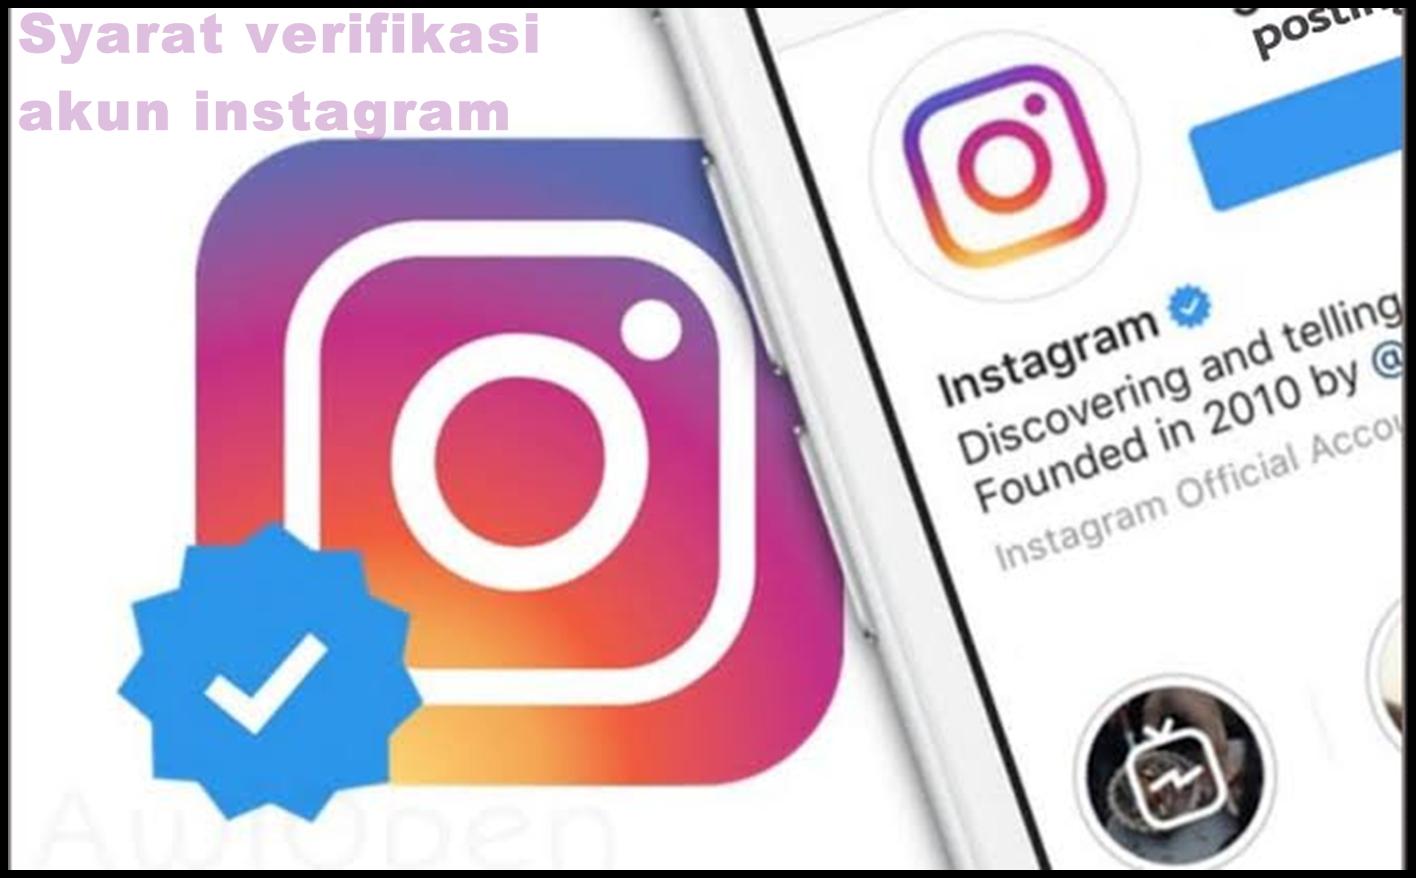 cara verifikasi instagram centang biru